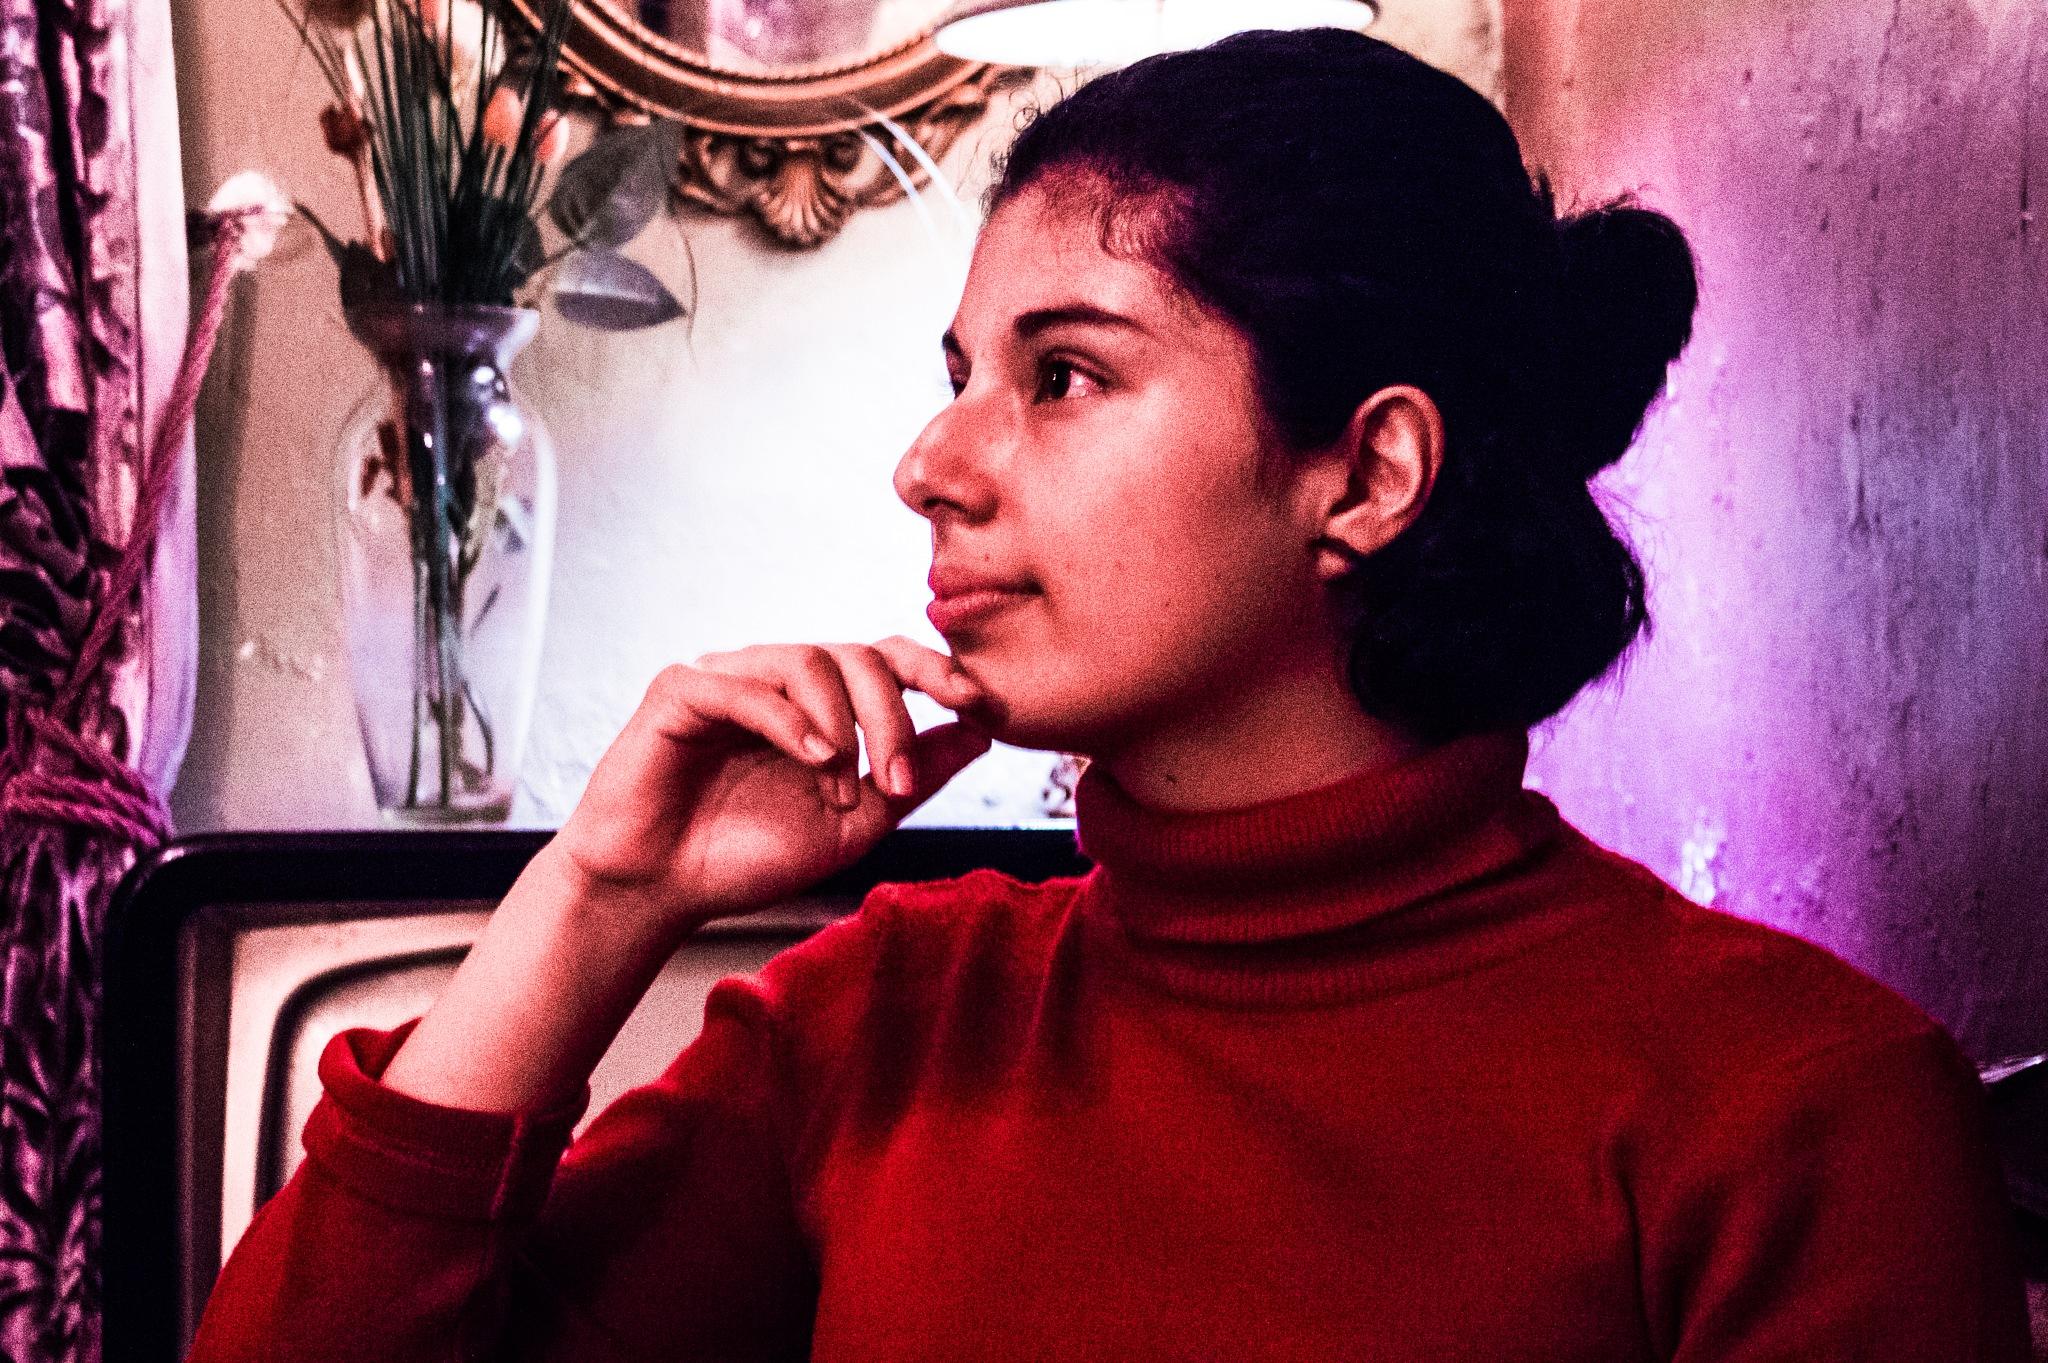 Melissa by Sergio Vargas